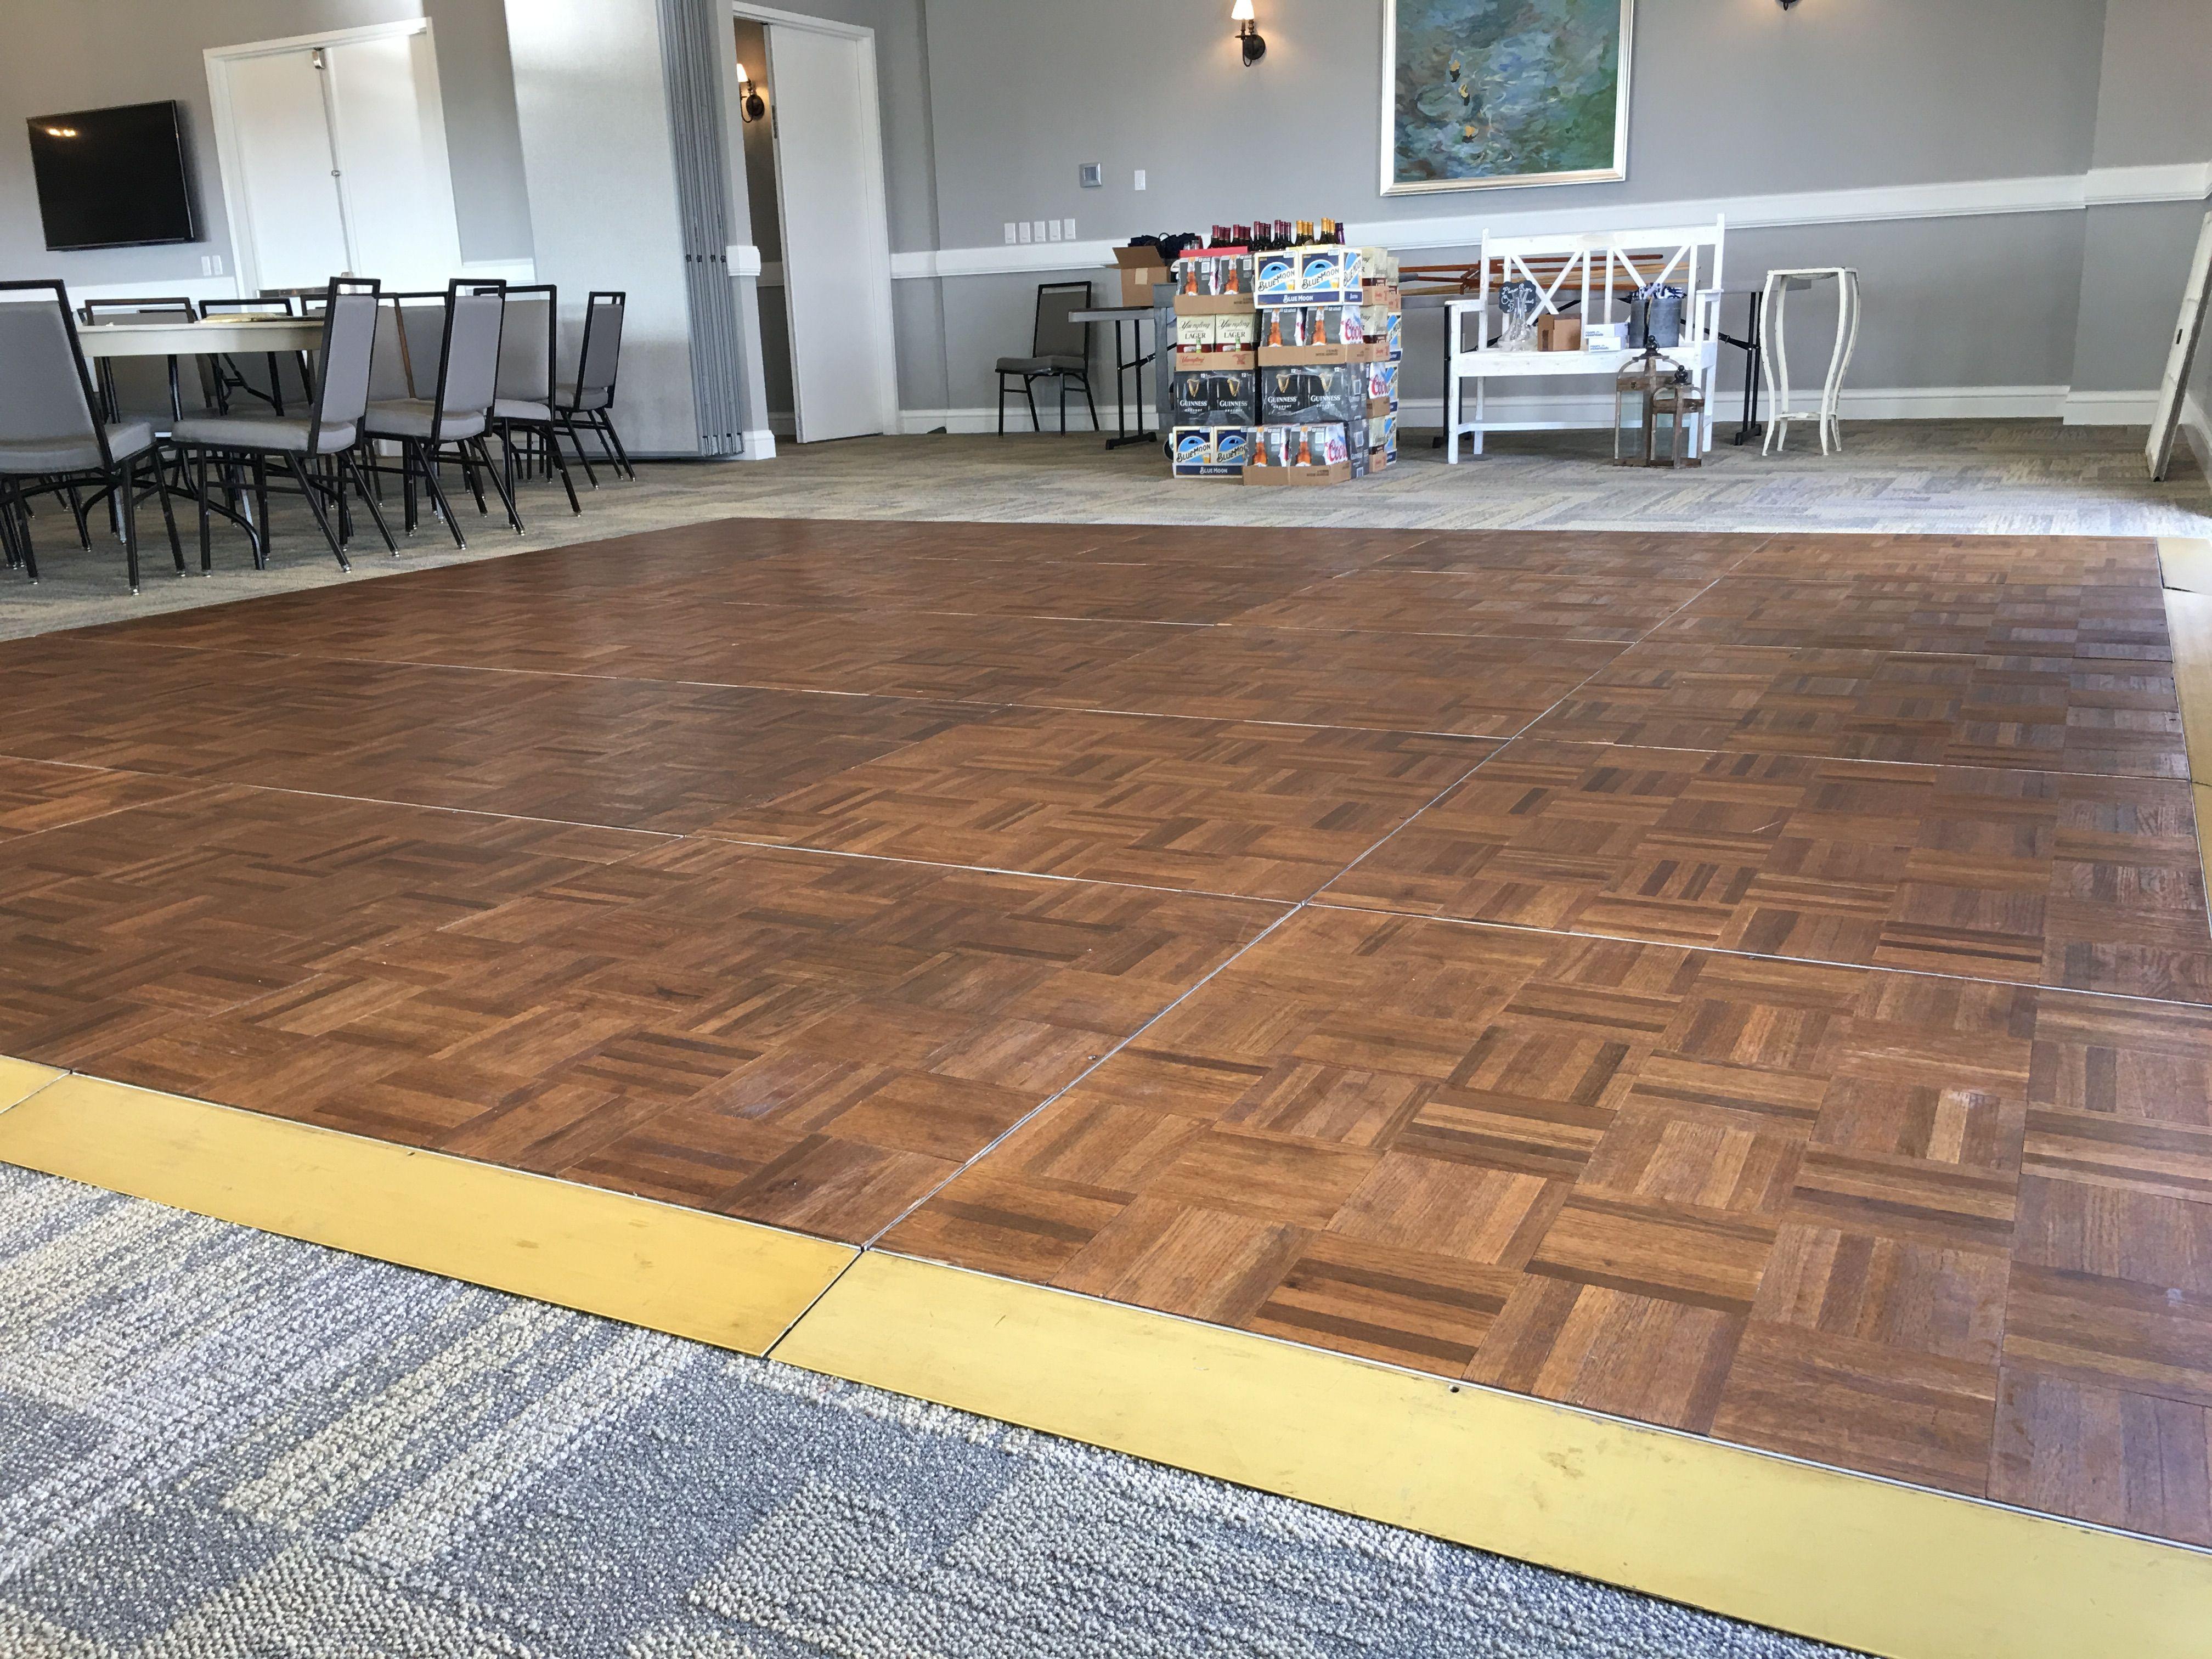 dancefloorrentalsorlando Dance floor, Hardwood floors